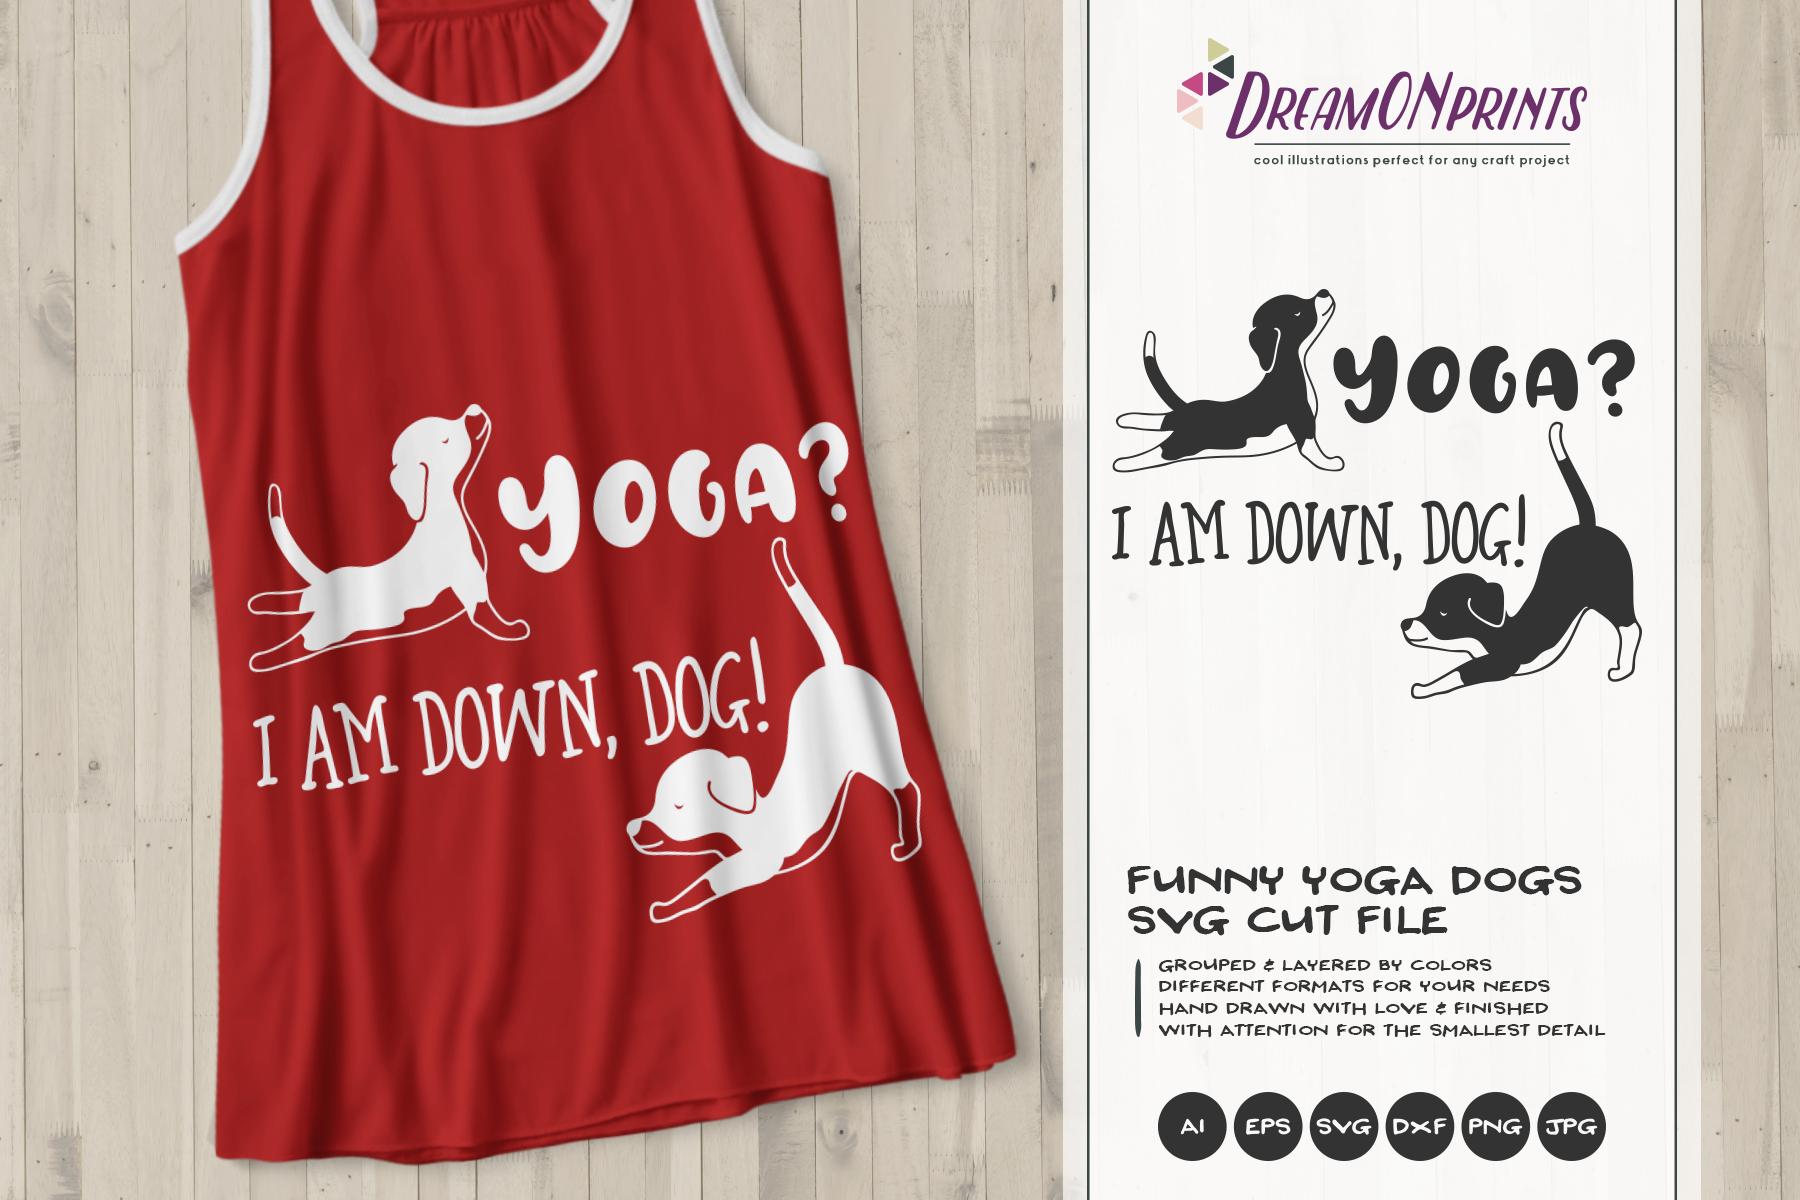 Yoga Dog SVG | Dog Yoga Poses | Pet Illustration example image 1